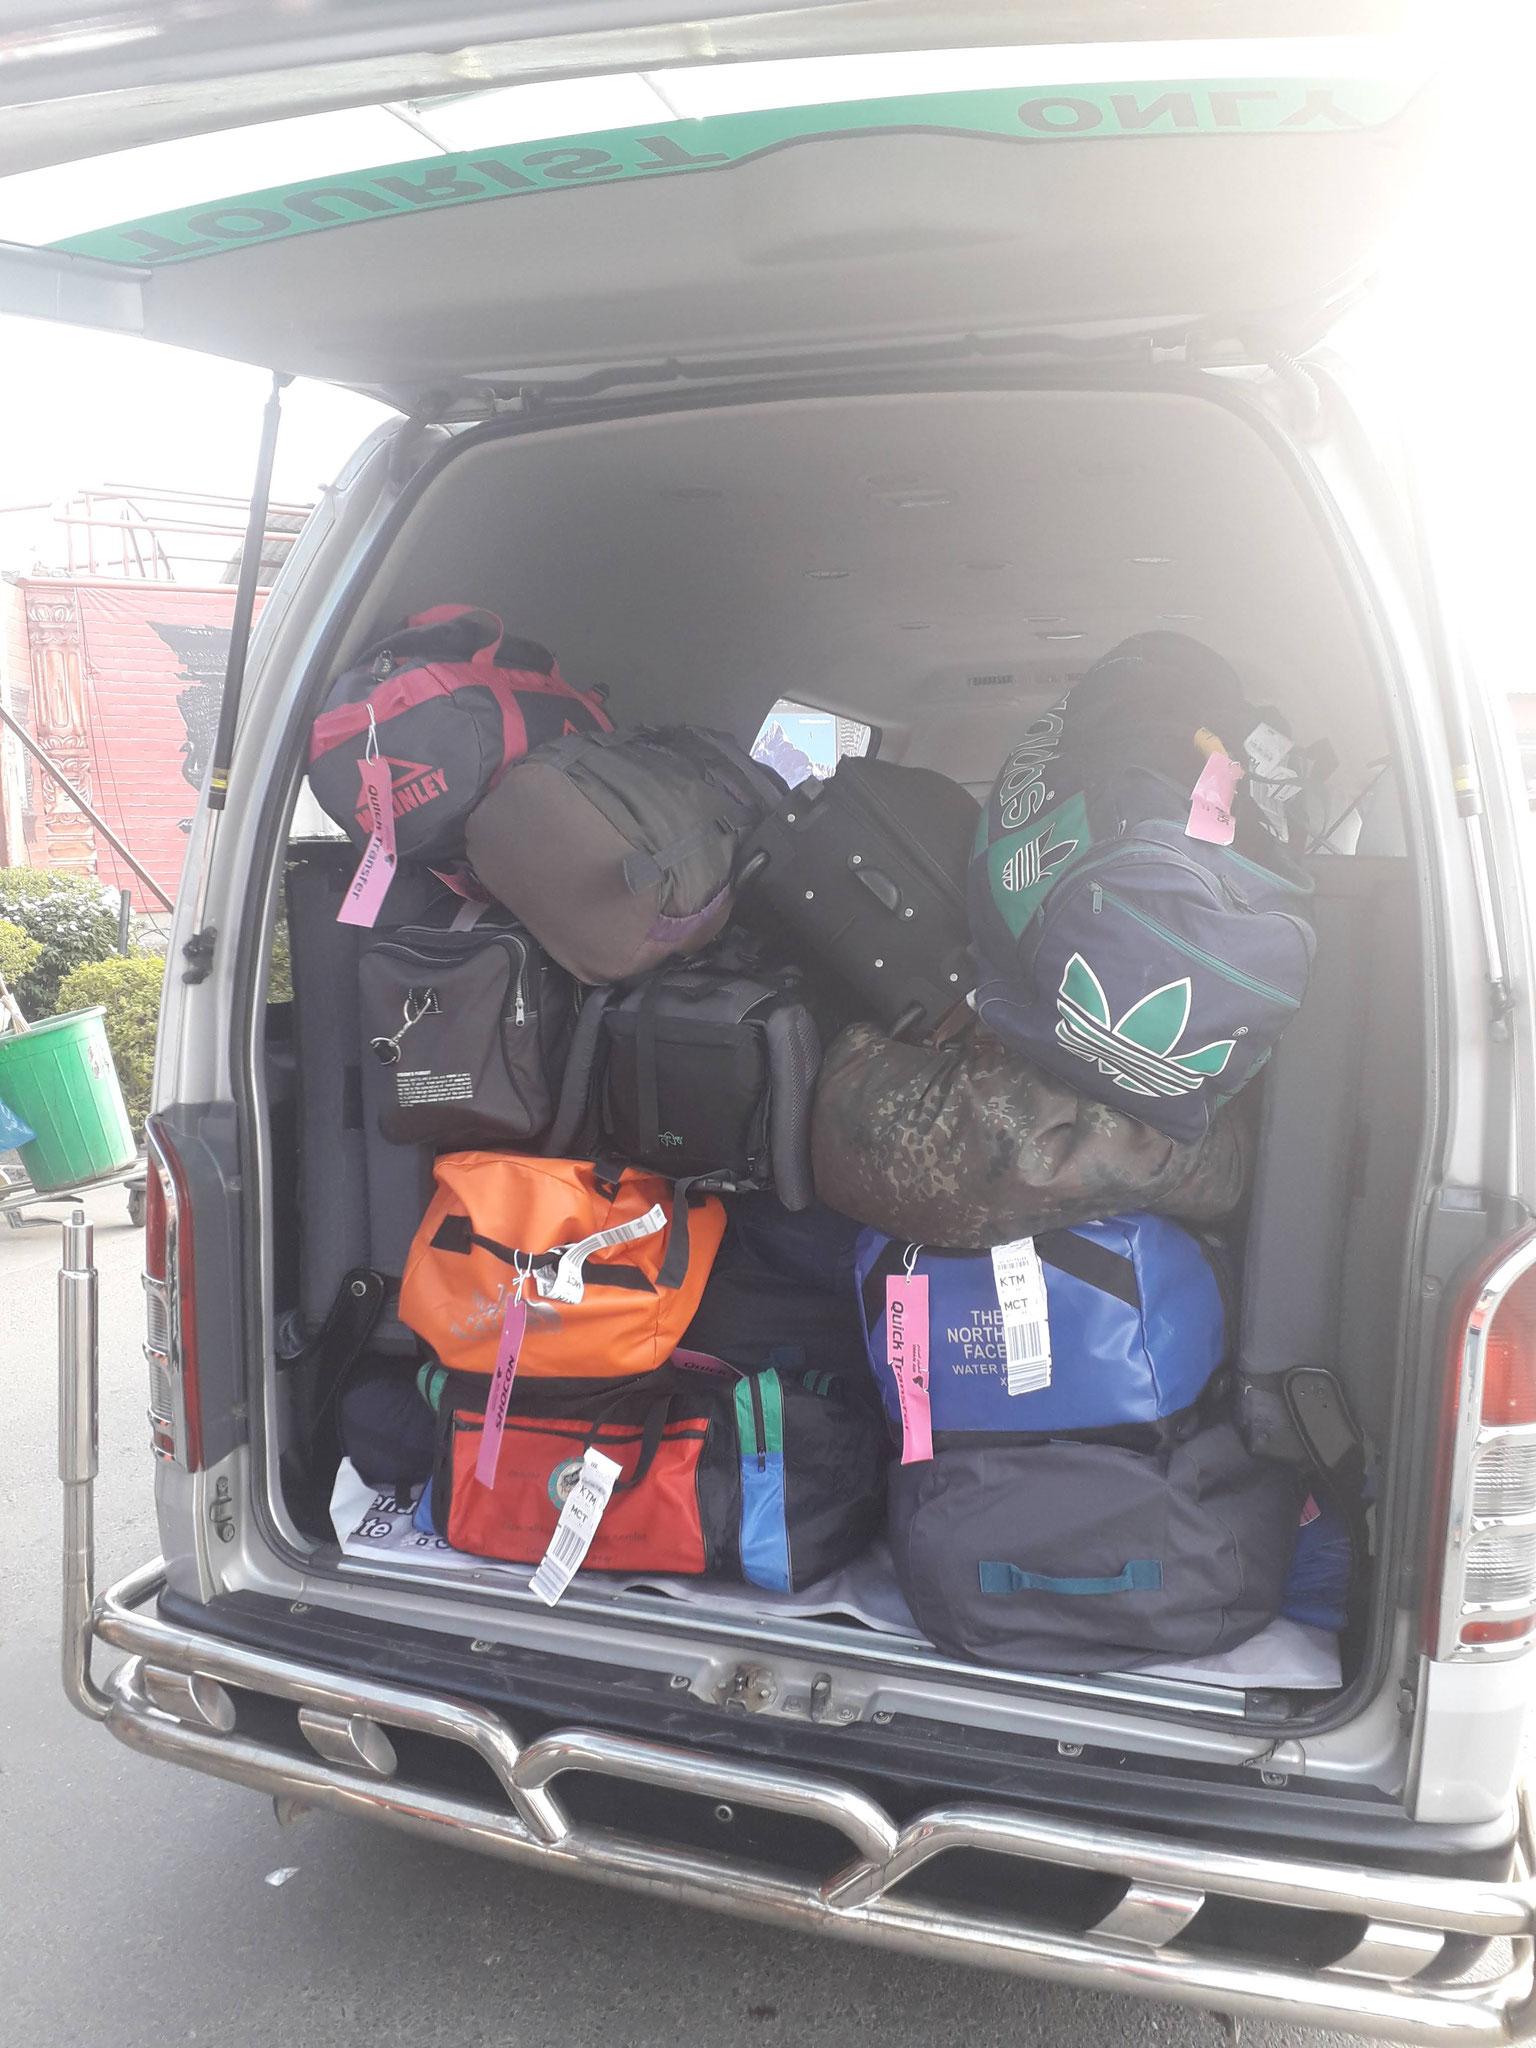 Ankunft in Kathmandu wir hatten spende- Kleider dabei